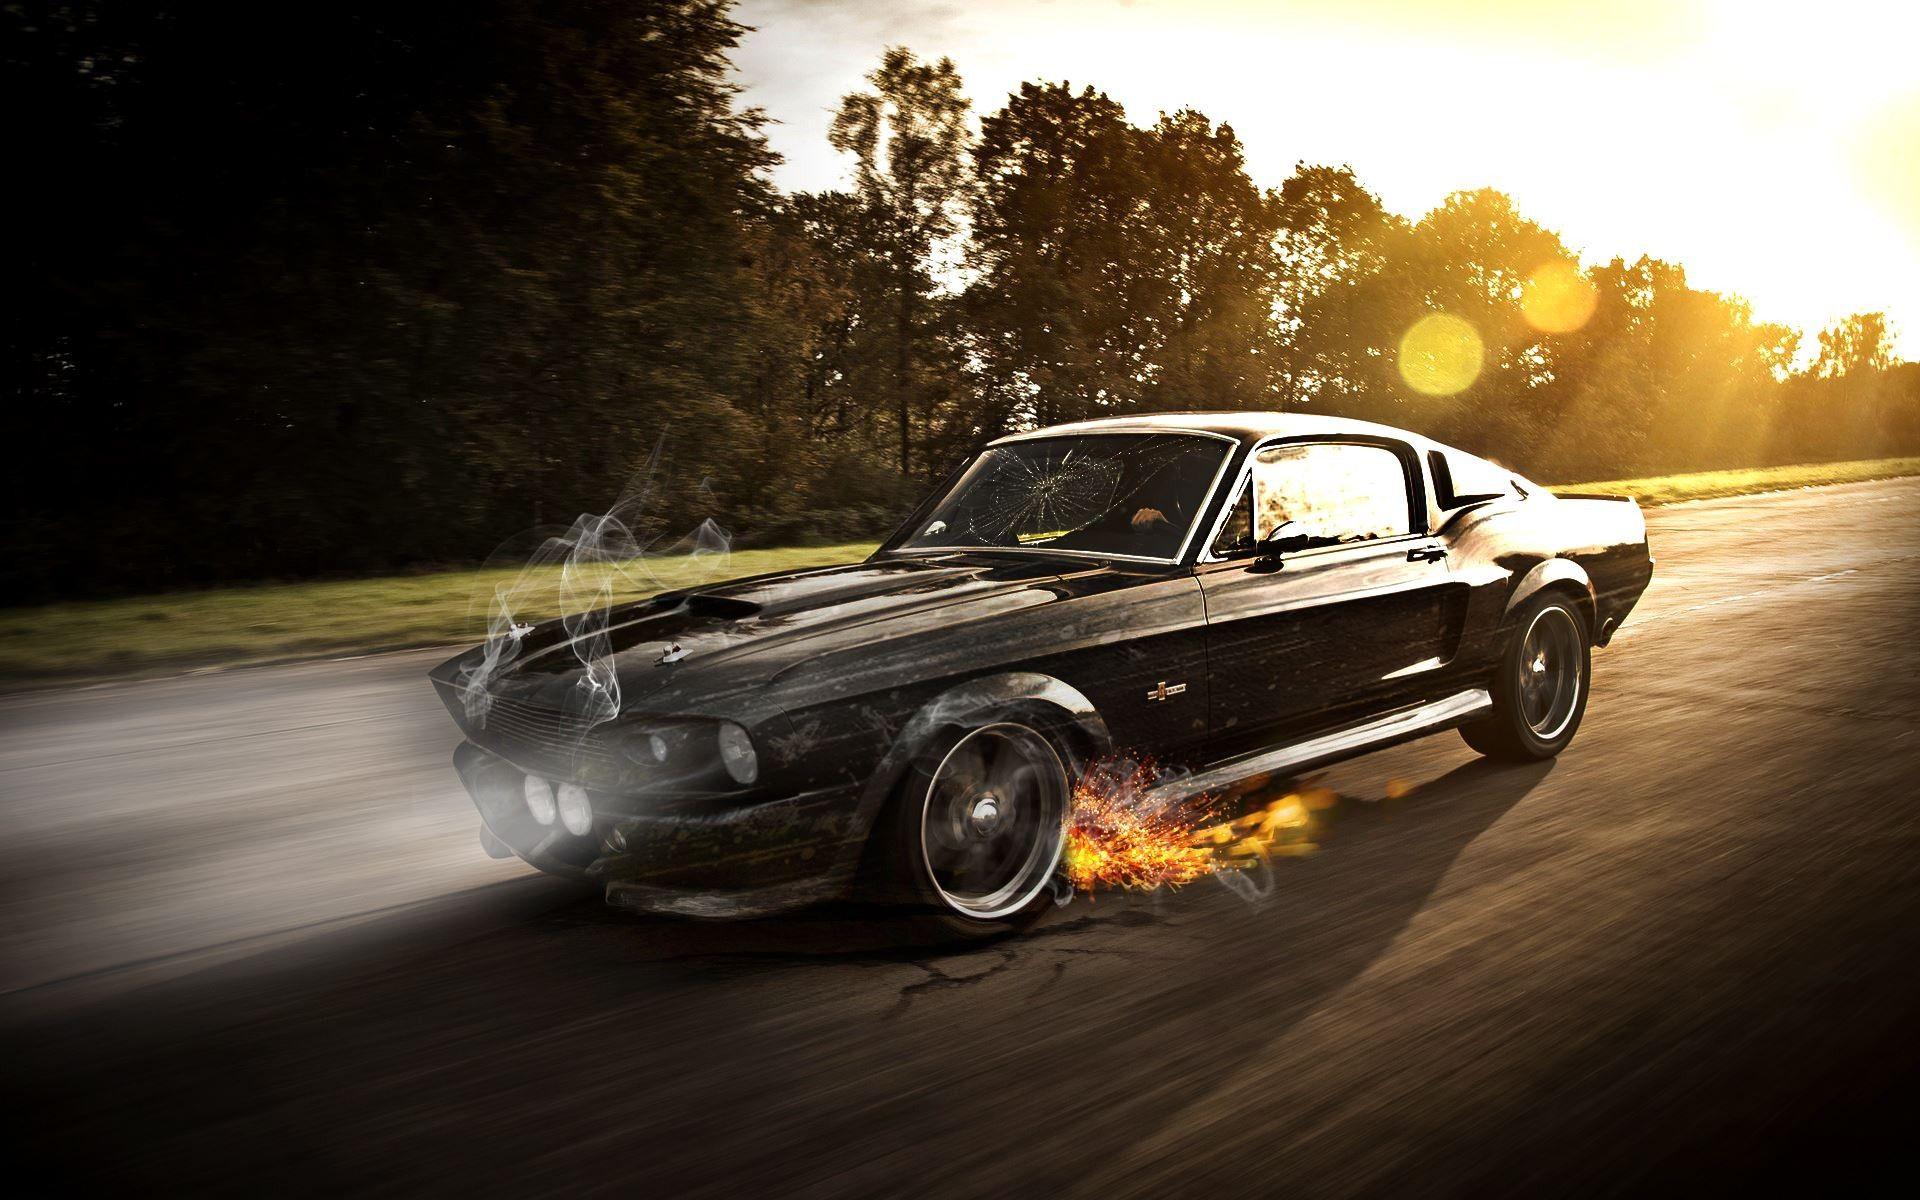 Ford Mustang Fondos De Pantalla Fondos De Escritorio 1920x1200 Id 338509 Autos Mustang Mustang Shelby Coches Tuneados